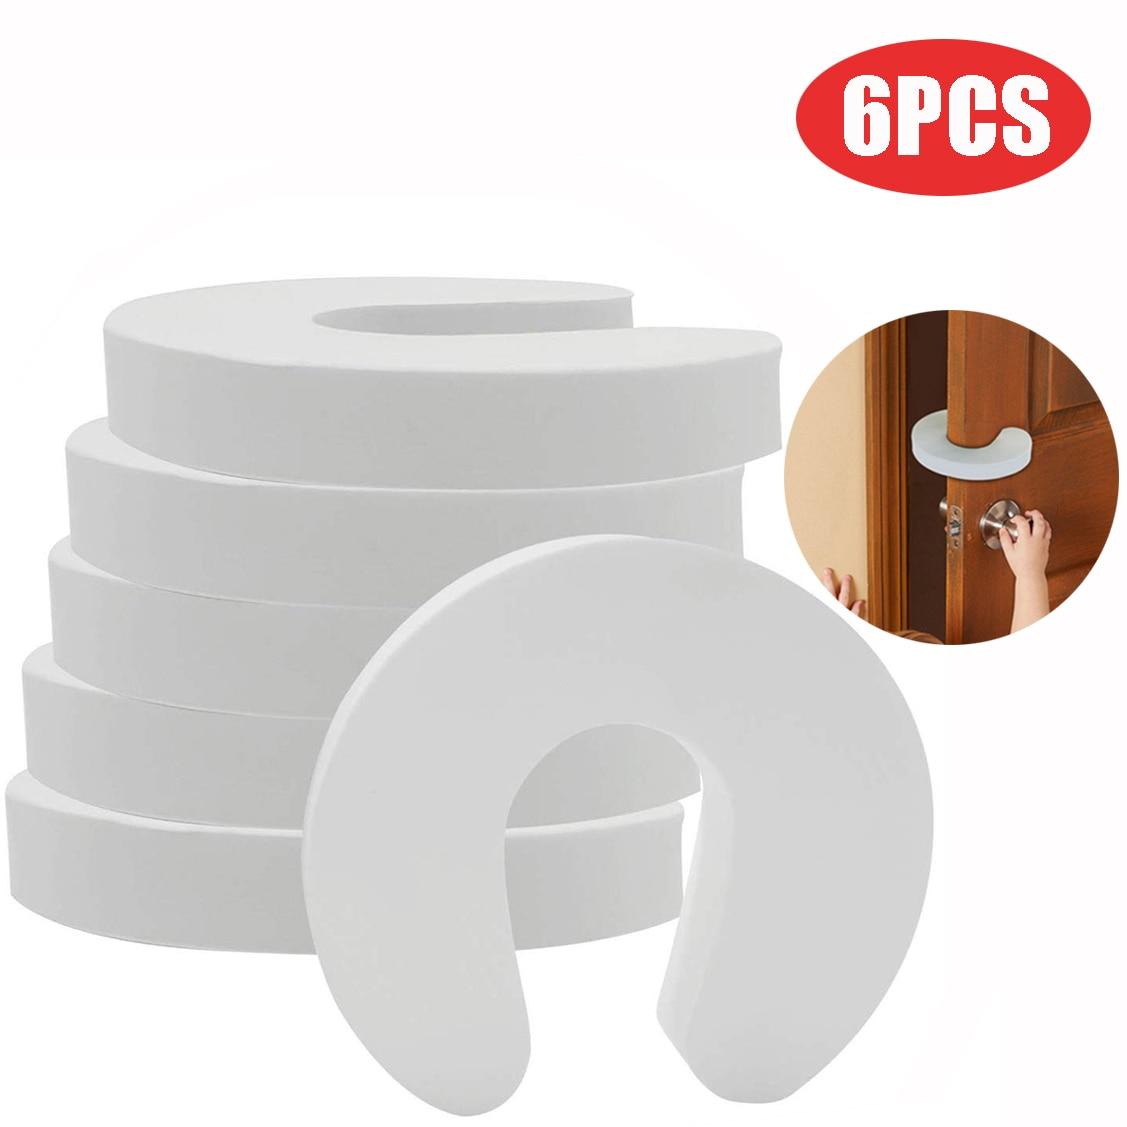 6PCS Doorways Gates Decorative Door Baby Care Soft Reusable C Shaped Door Safety Finger Guards For Cabinet Drawer Door